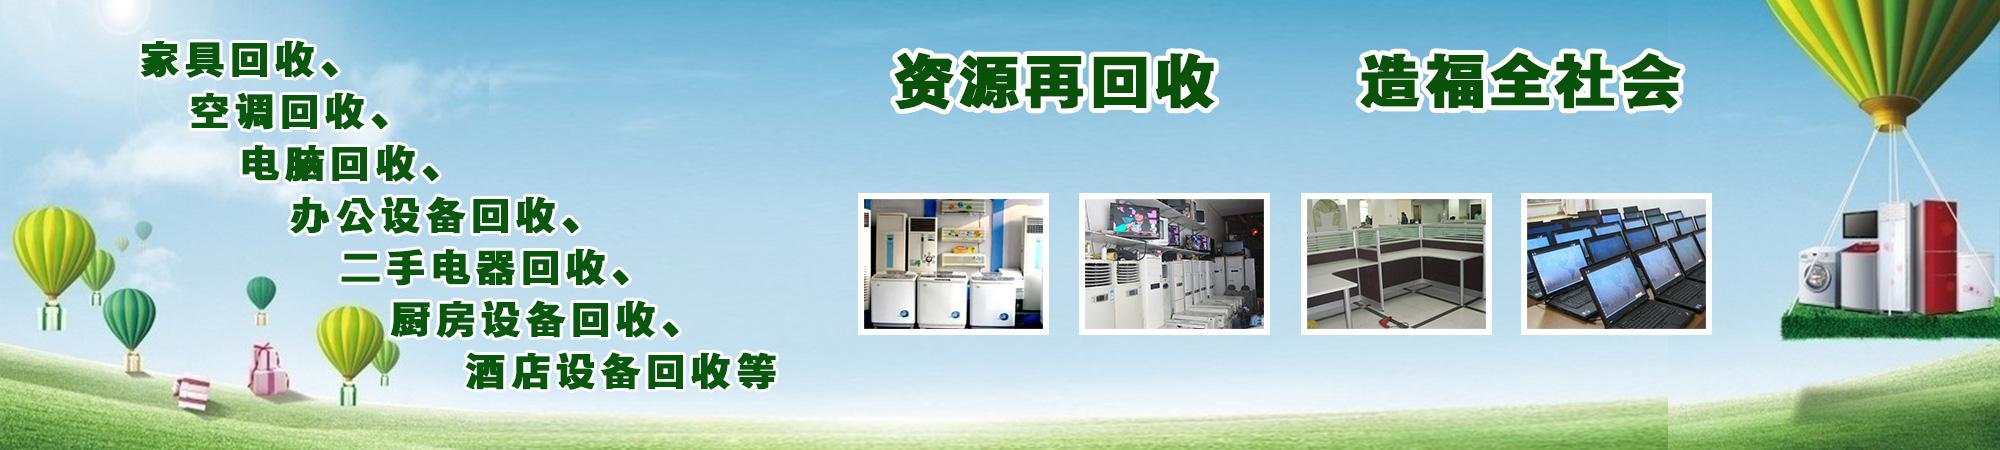 上海家具回收,办公家具回收,厨房设备回收